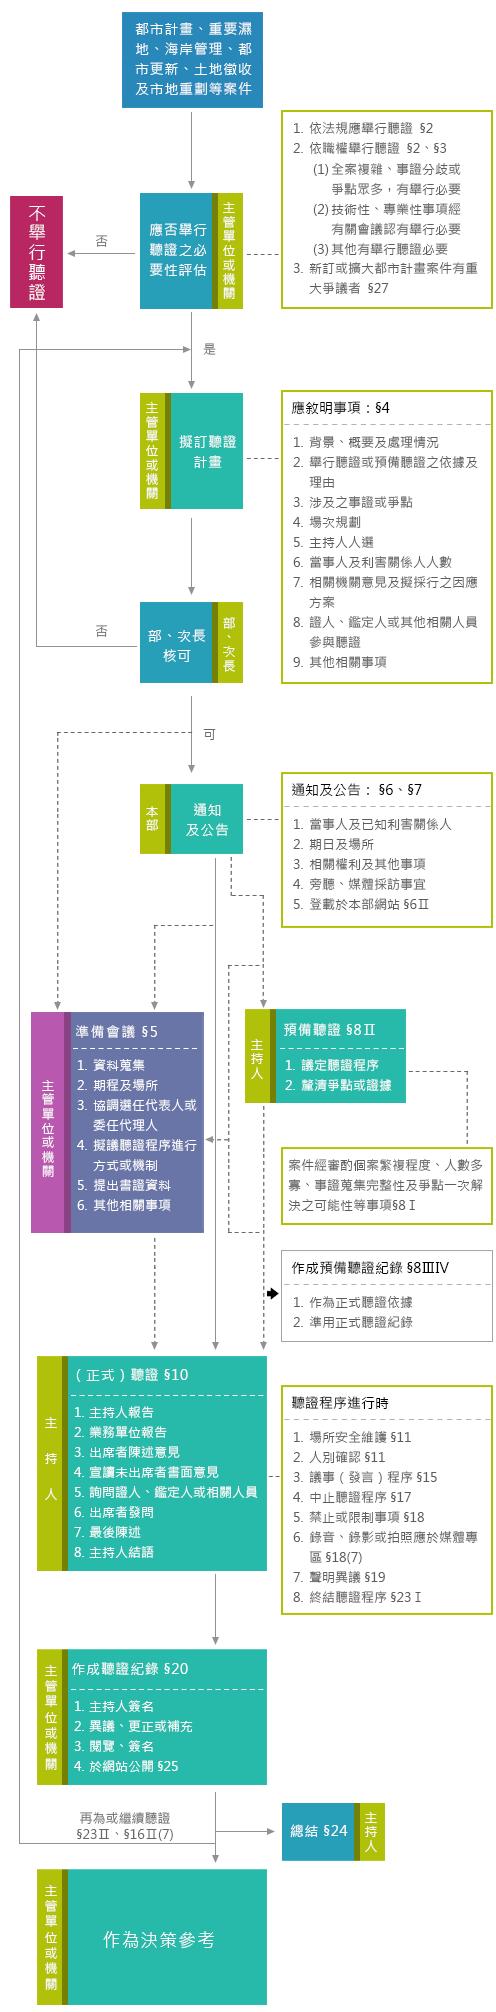 內政部舉行聽證流程圖